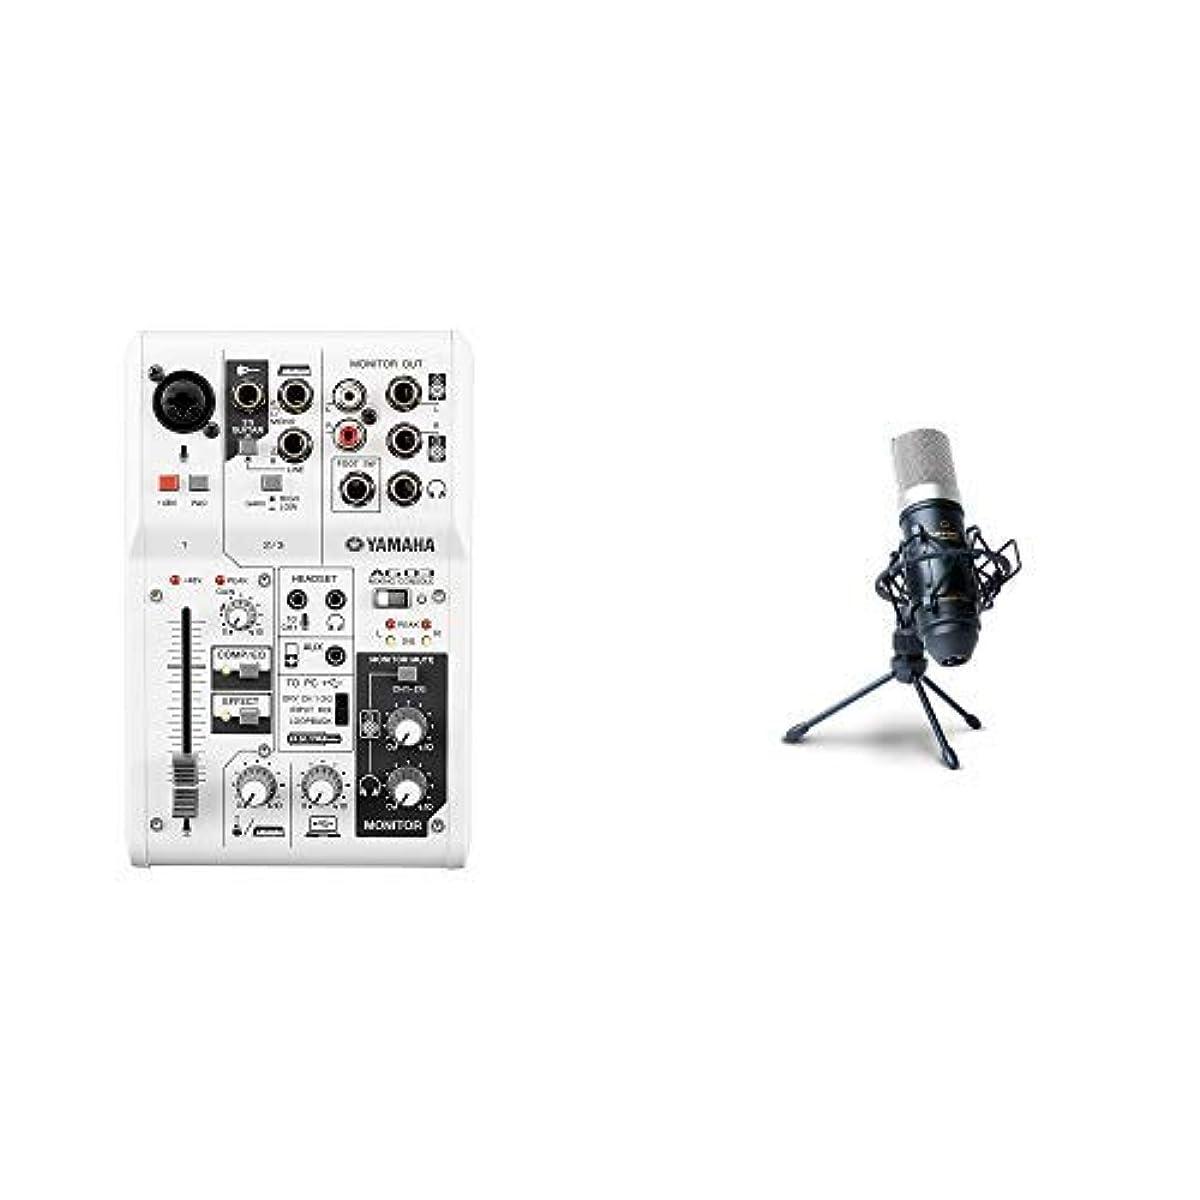 [해외] 야마하 YAMAHA 웹 캐스팅 믹서 3채널 AG03 고음질 송신 녹음 세트